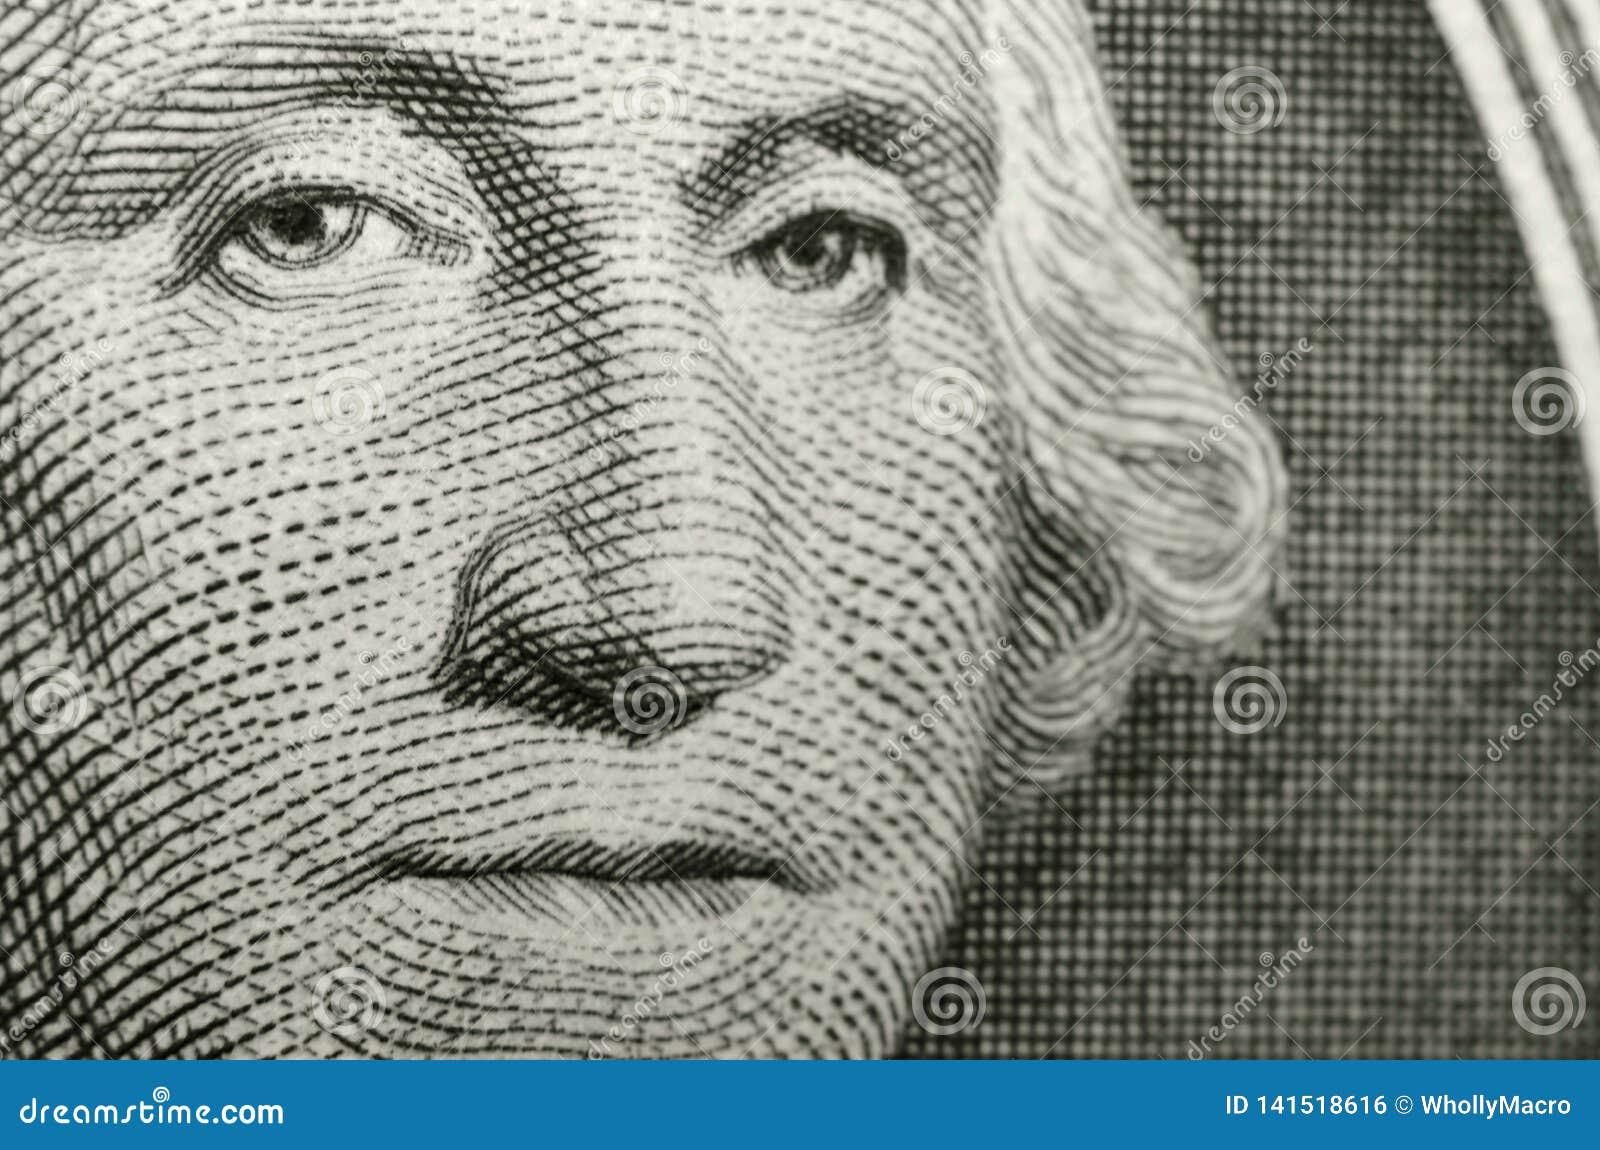 Beeld van Amerikaans pictogram, George Washington, van de obvers van de Amerikaanse dollar